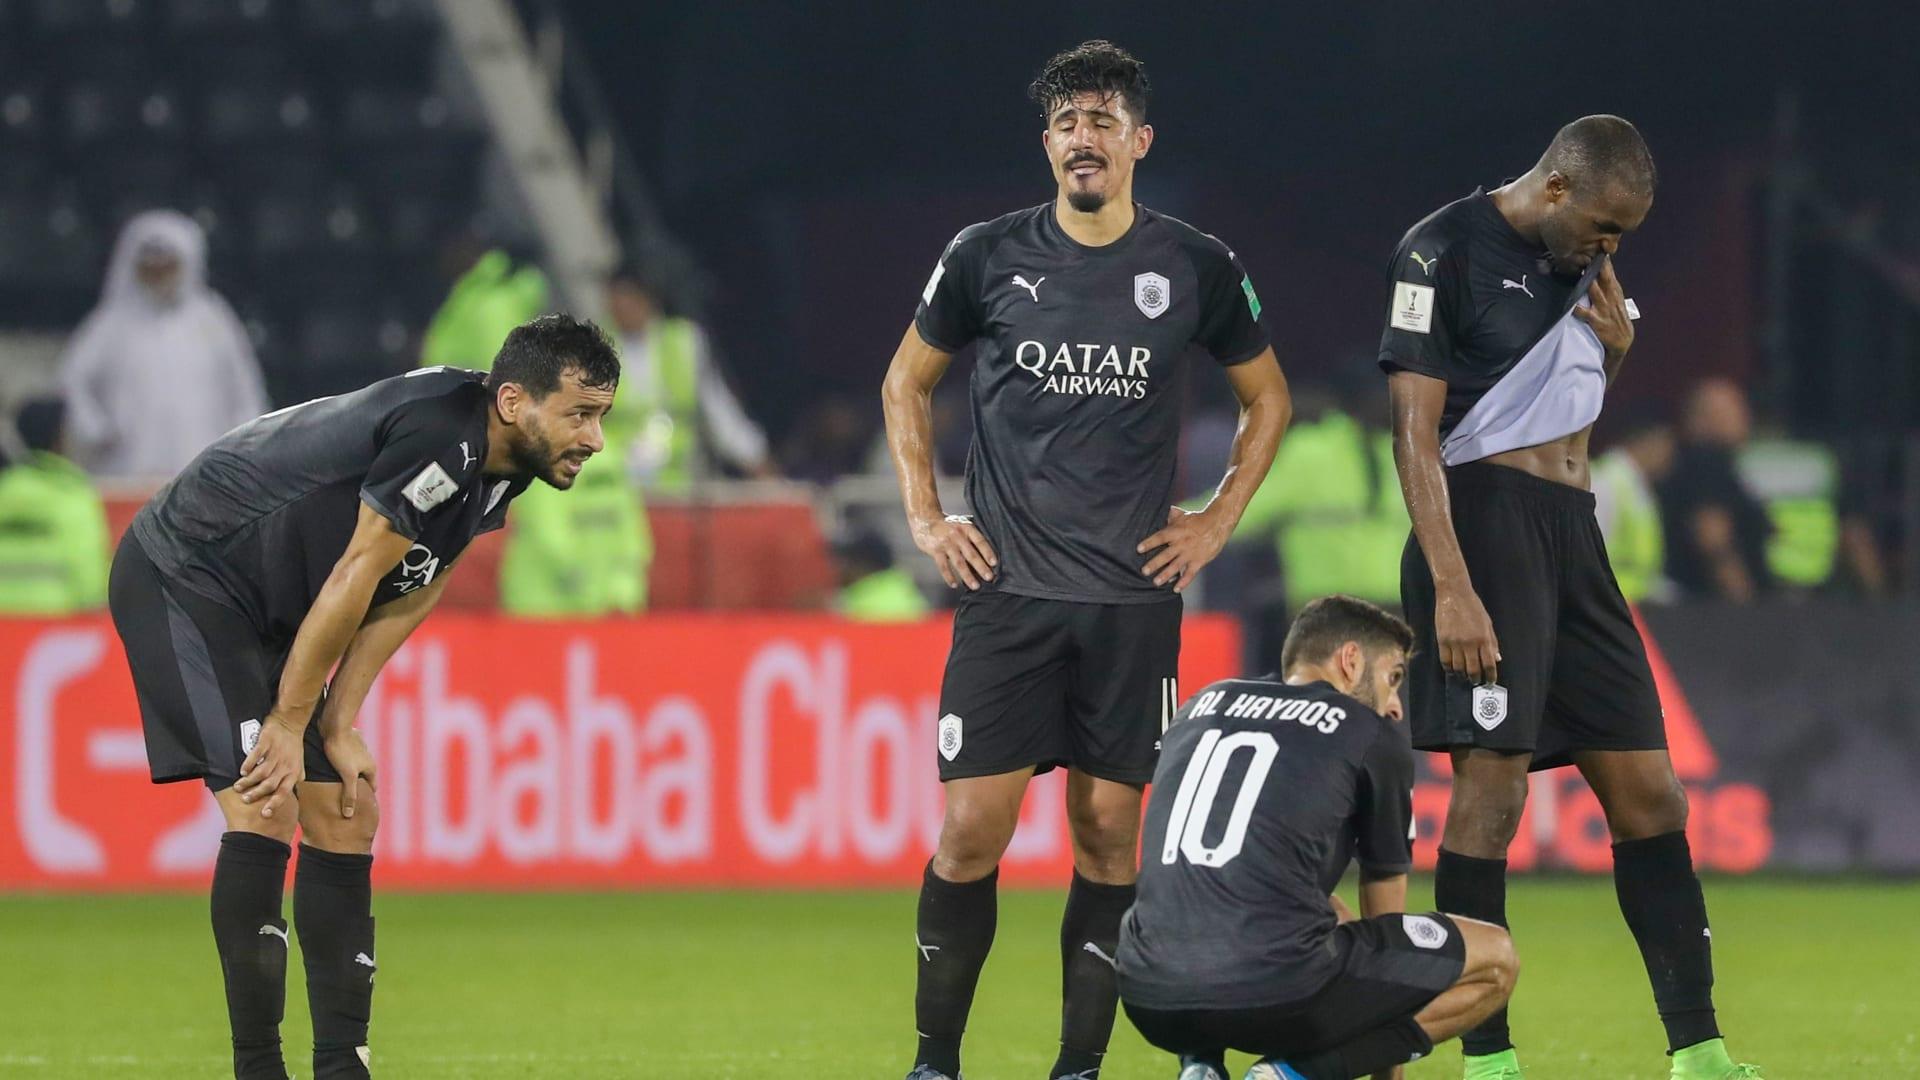 حزن لاعبي السد بعد الوداع المبكر لكأس العالم للأندية